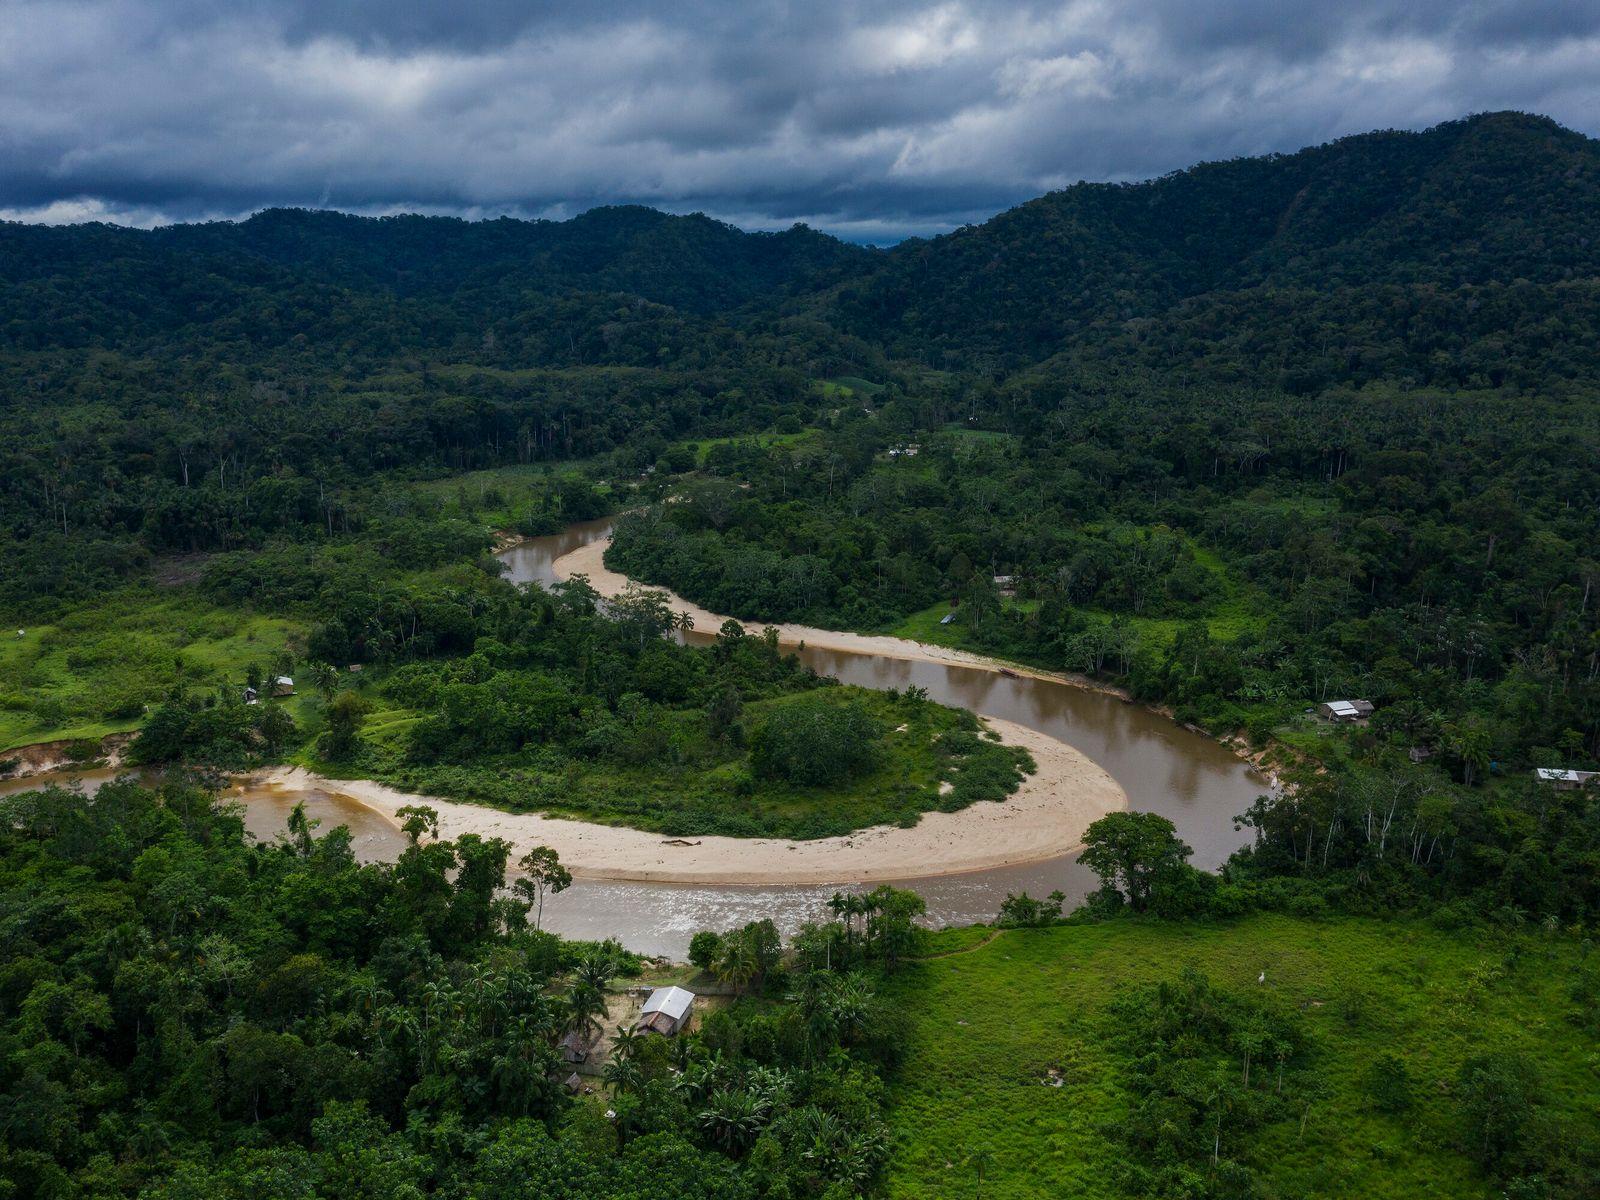 rio e ao fundo montanhas cobertas de verde